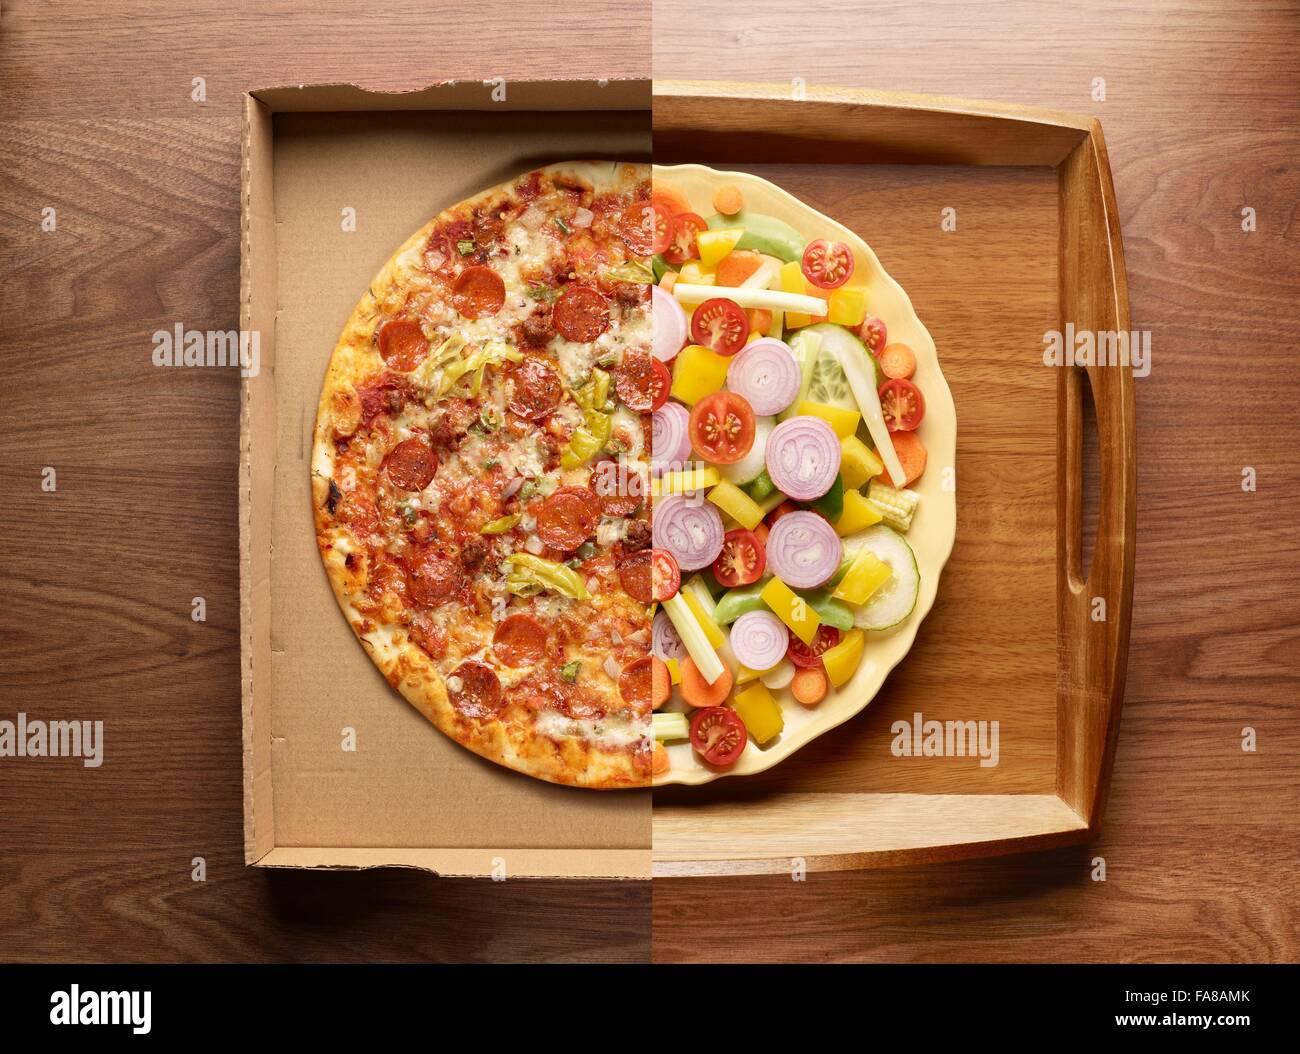 La mitad de la pizza, la mitad de las verduras en una placa, vista superior Foto de stock